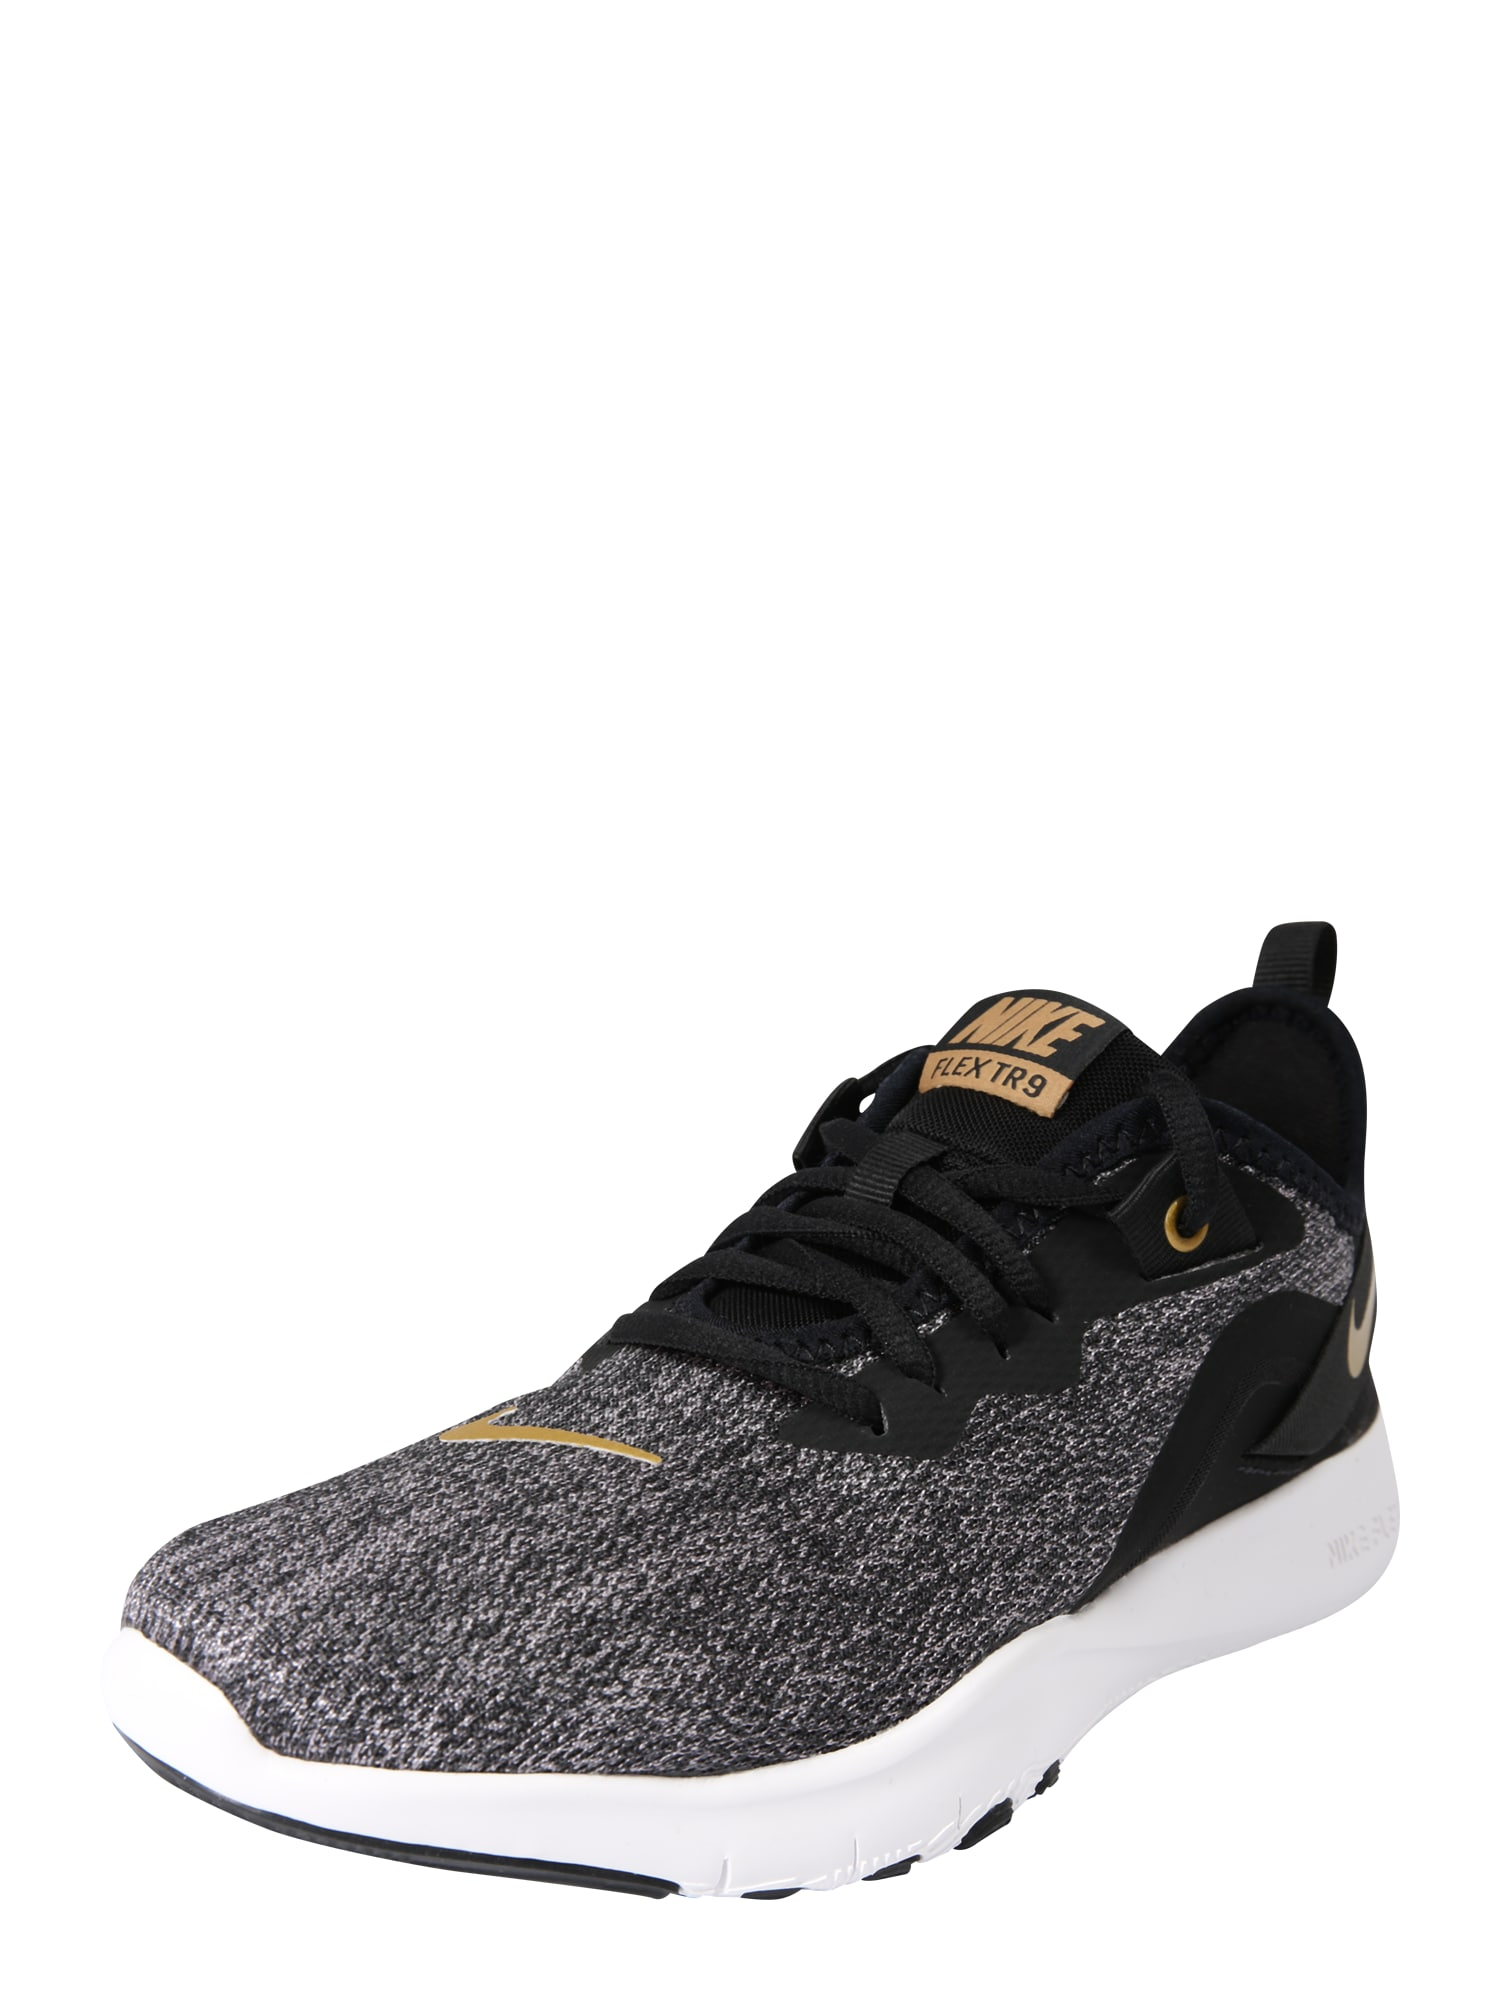 Sportovní boty Nike Flex TR 9 tmavě šedá černá NIKE